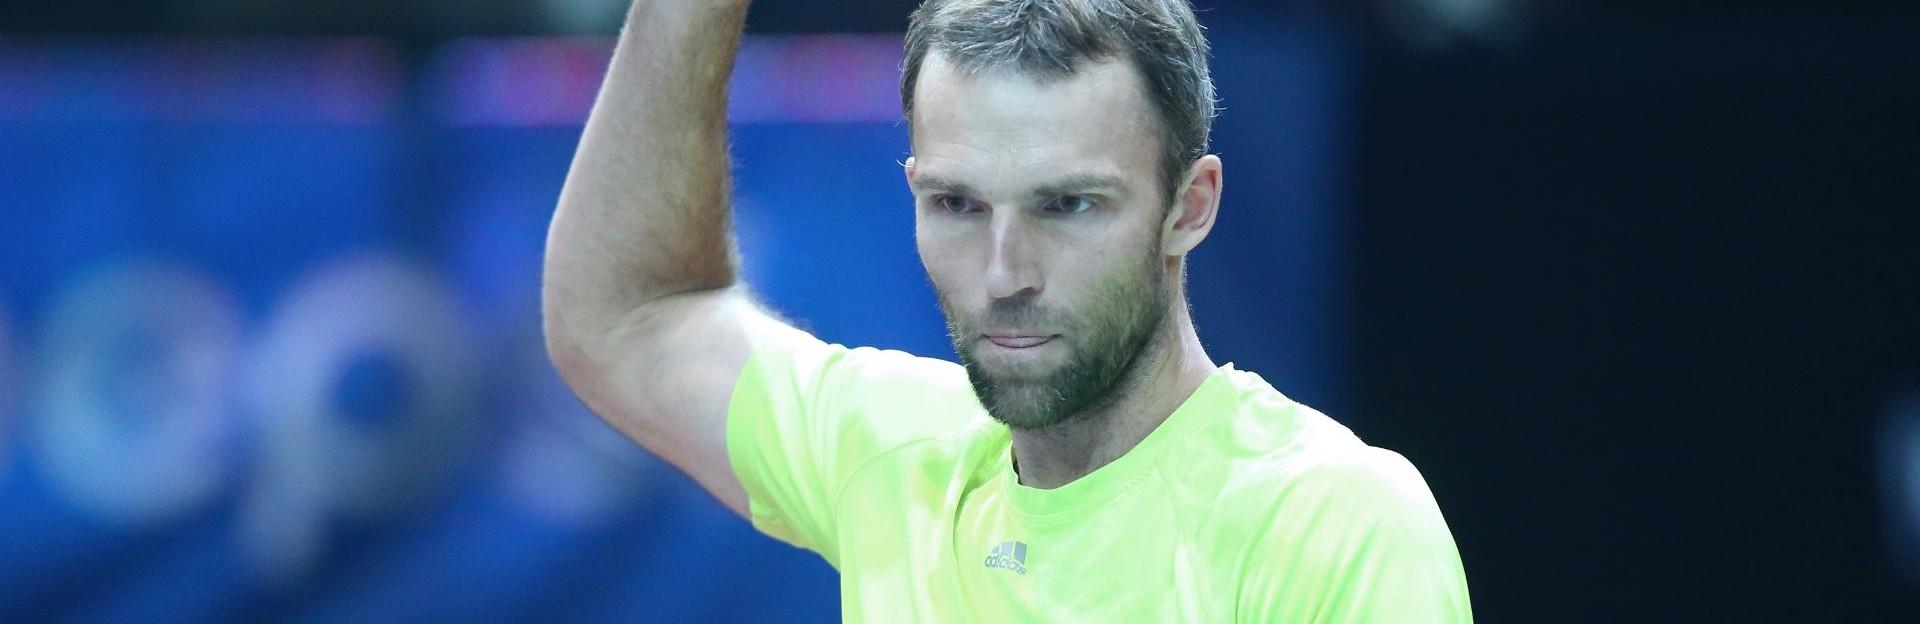 ATP HALLE Ivo Karlović protiv Tomaša Berdycha u četvrtfinalu